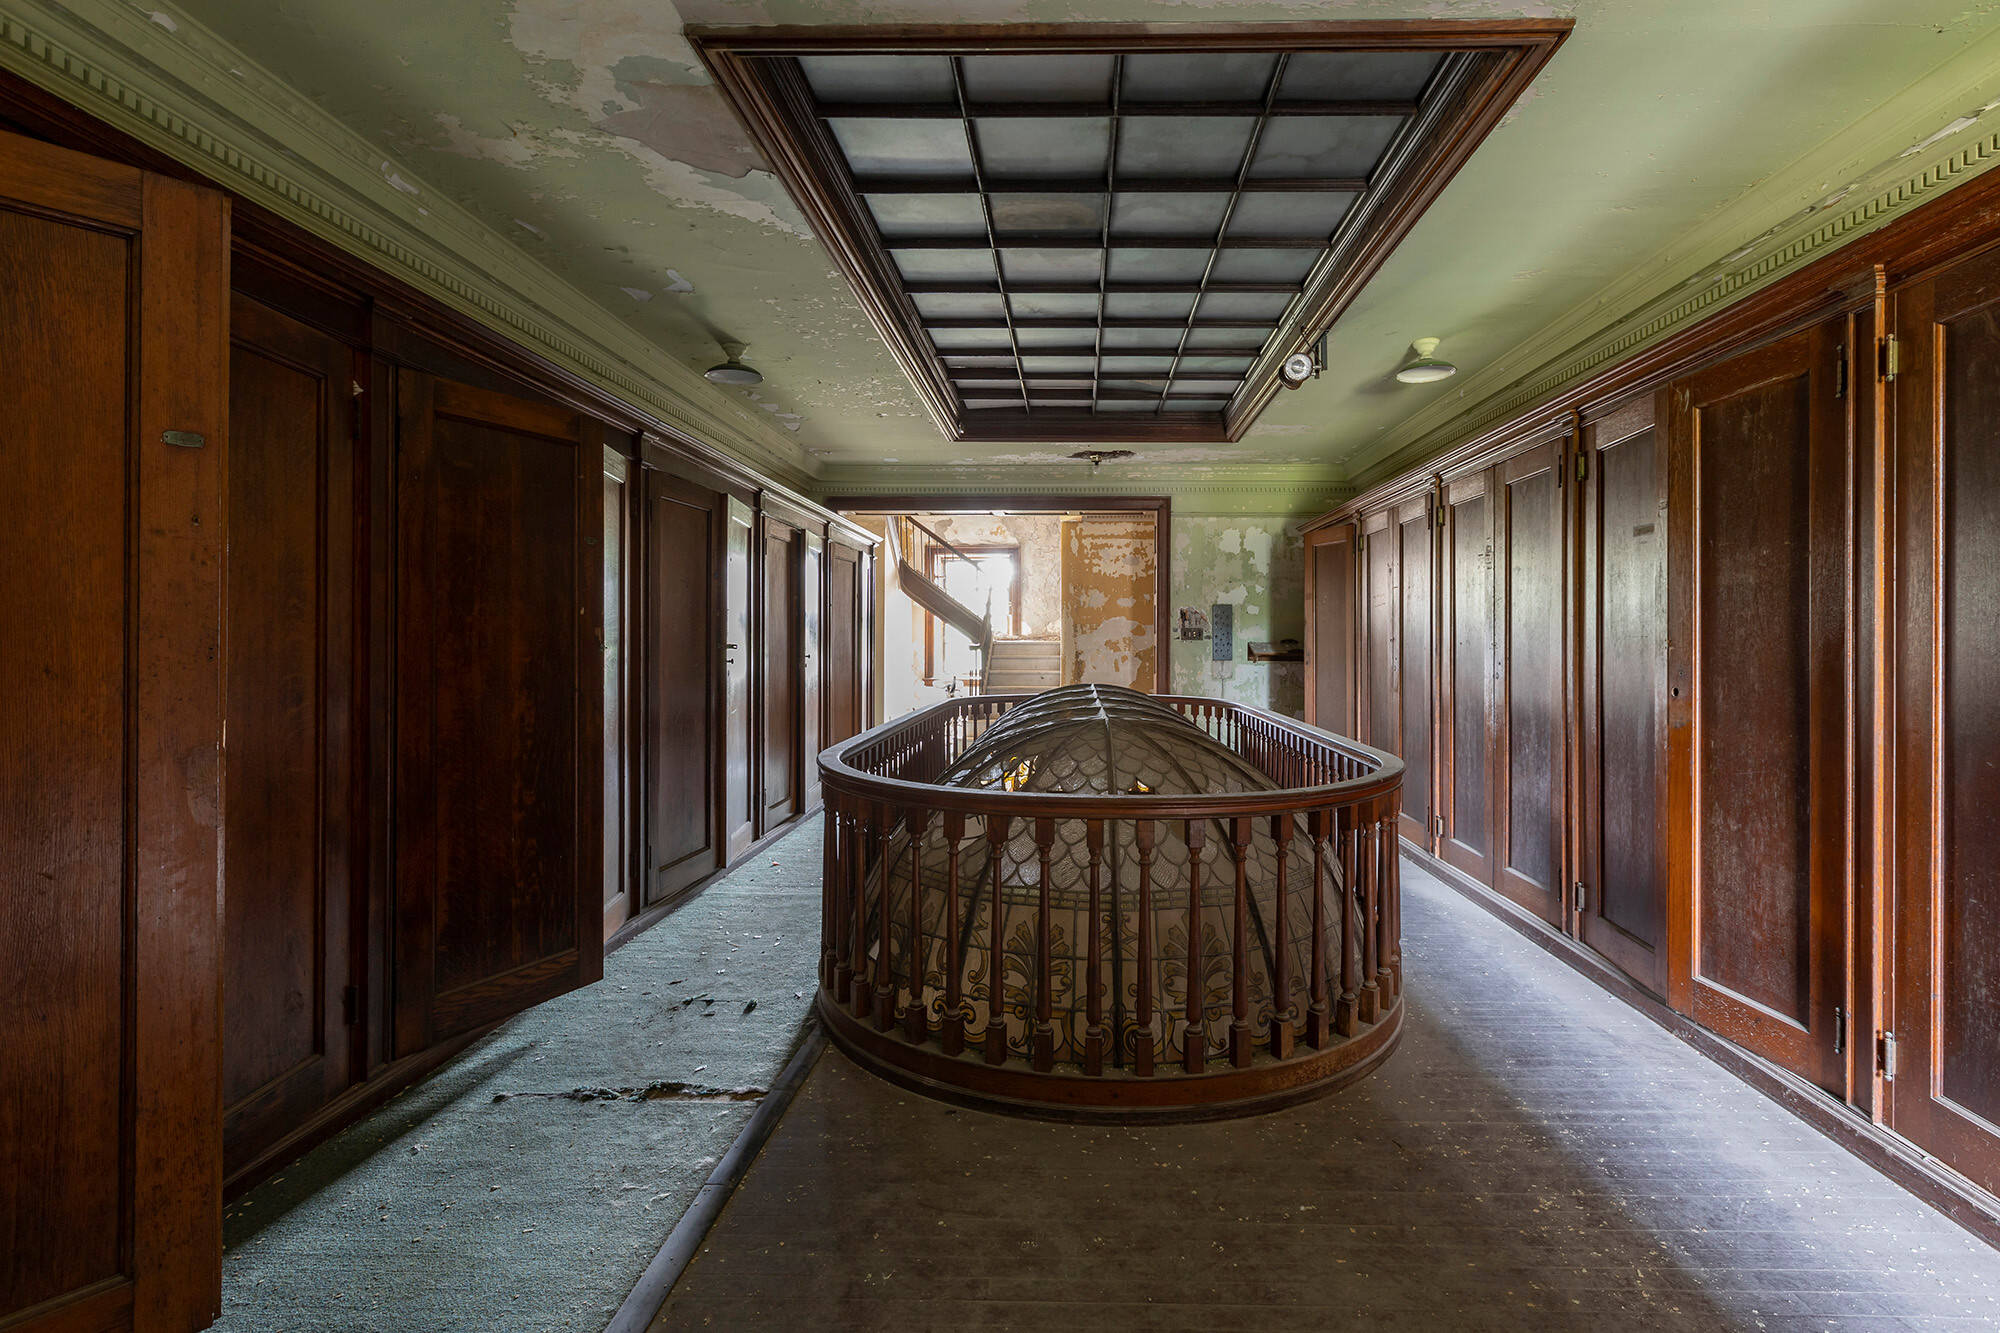 Corredor. Foto: Reprodução/ Abandoned Southeast